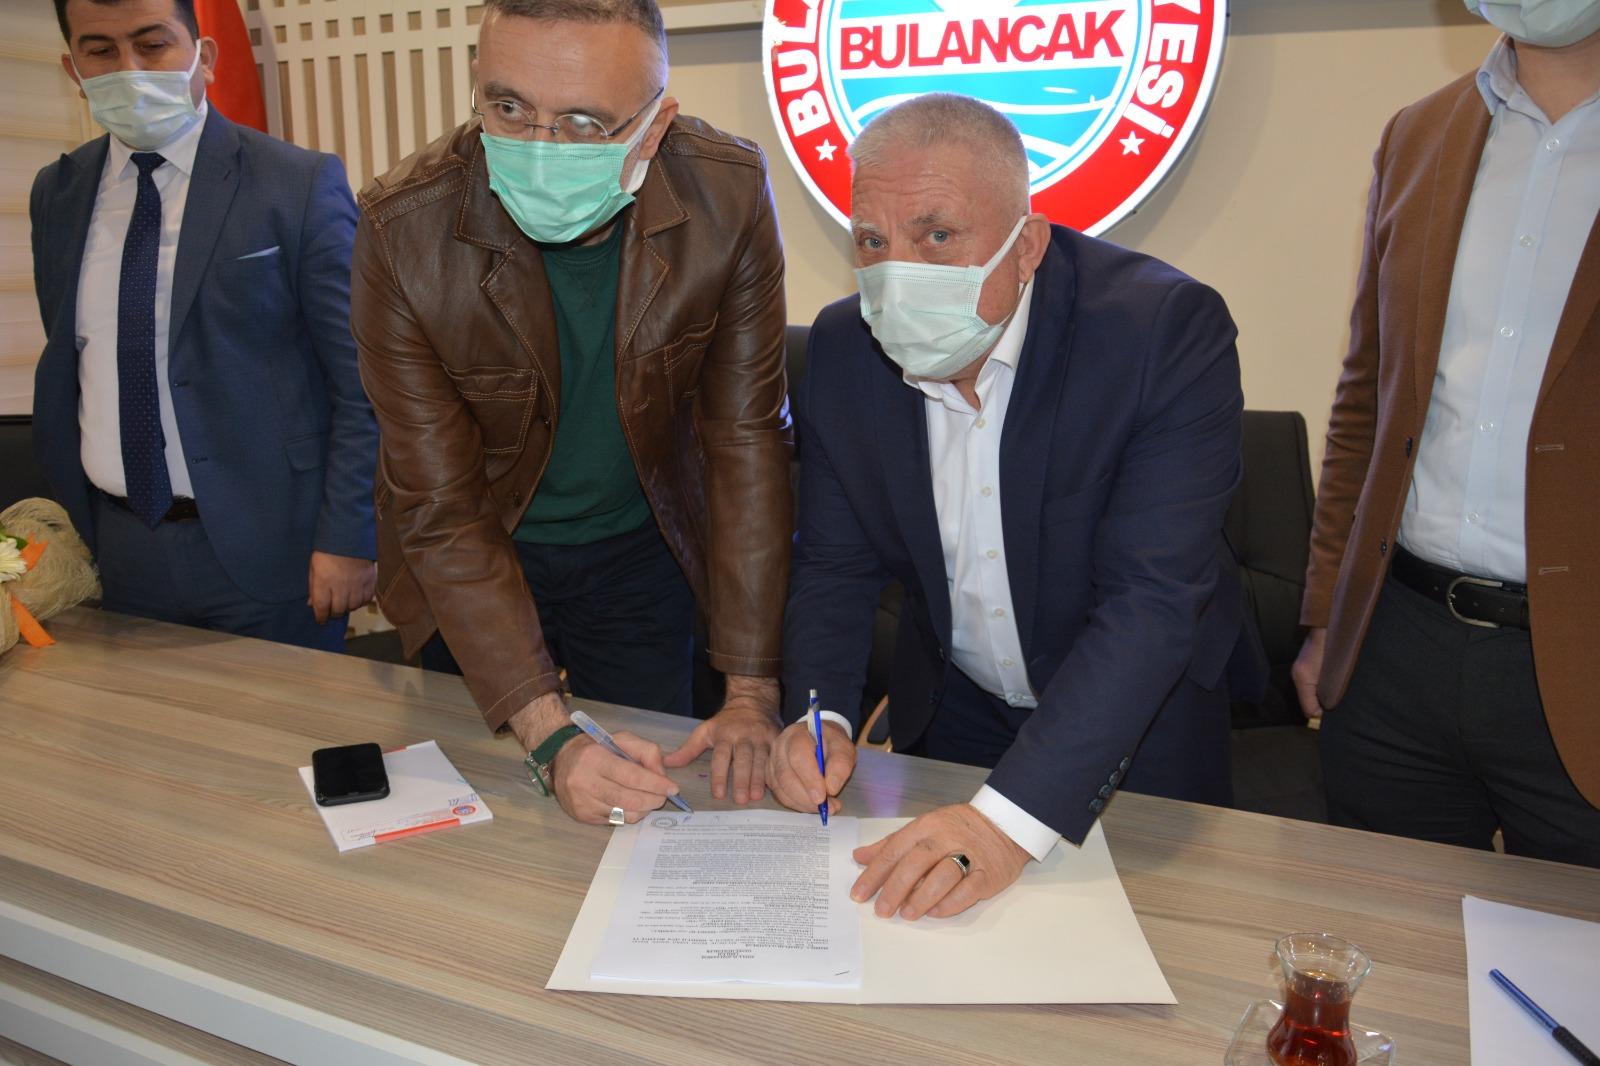 Bulancak Belediyesi'nde en düşük personel/işçi maaşı 3 bin 500 lira